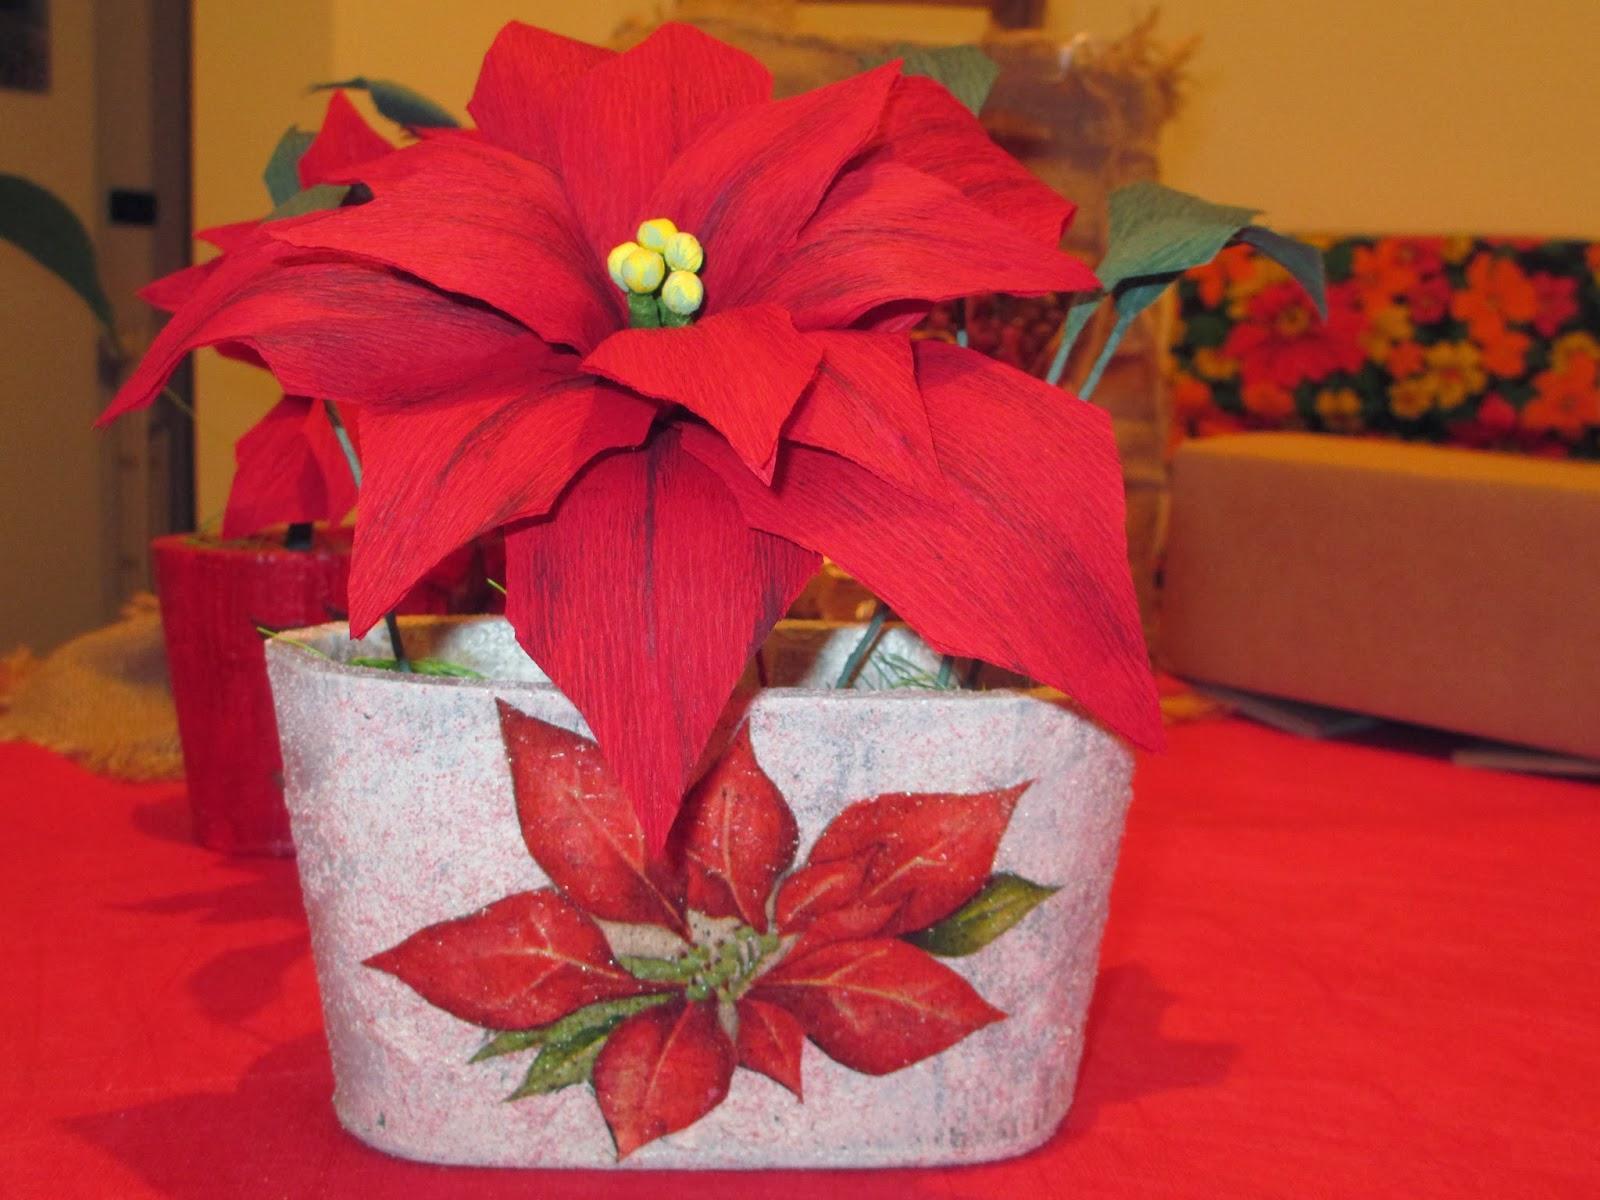 Stella Di Natale In Stoffa.Daisy Garden Tradizioni E Storie Di Natale La Stella Di Natale